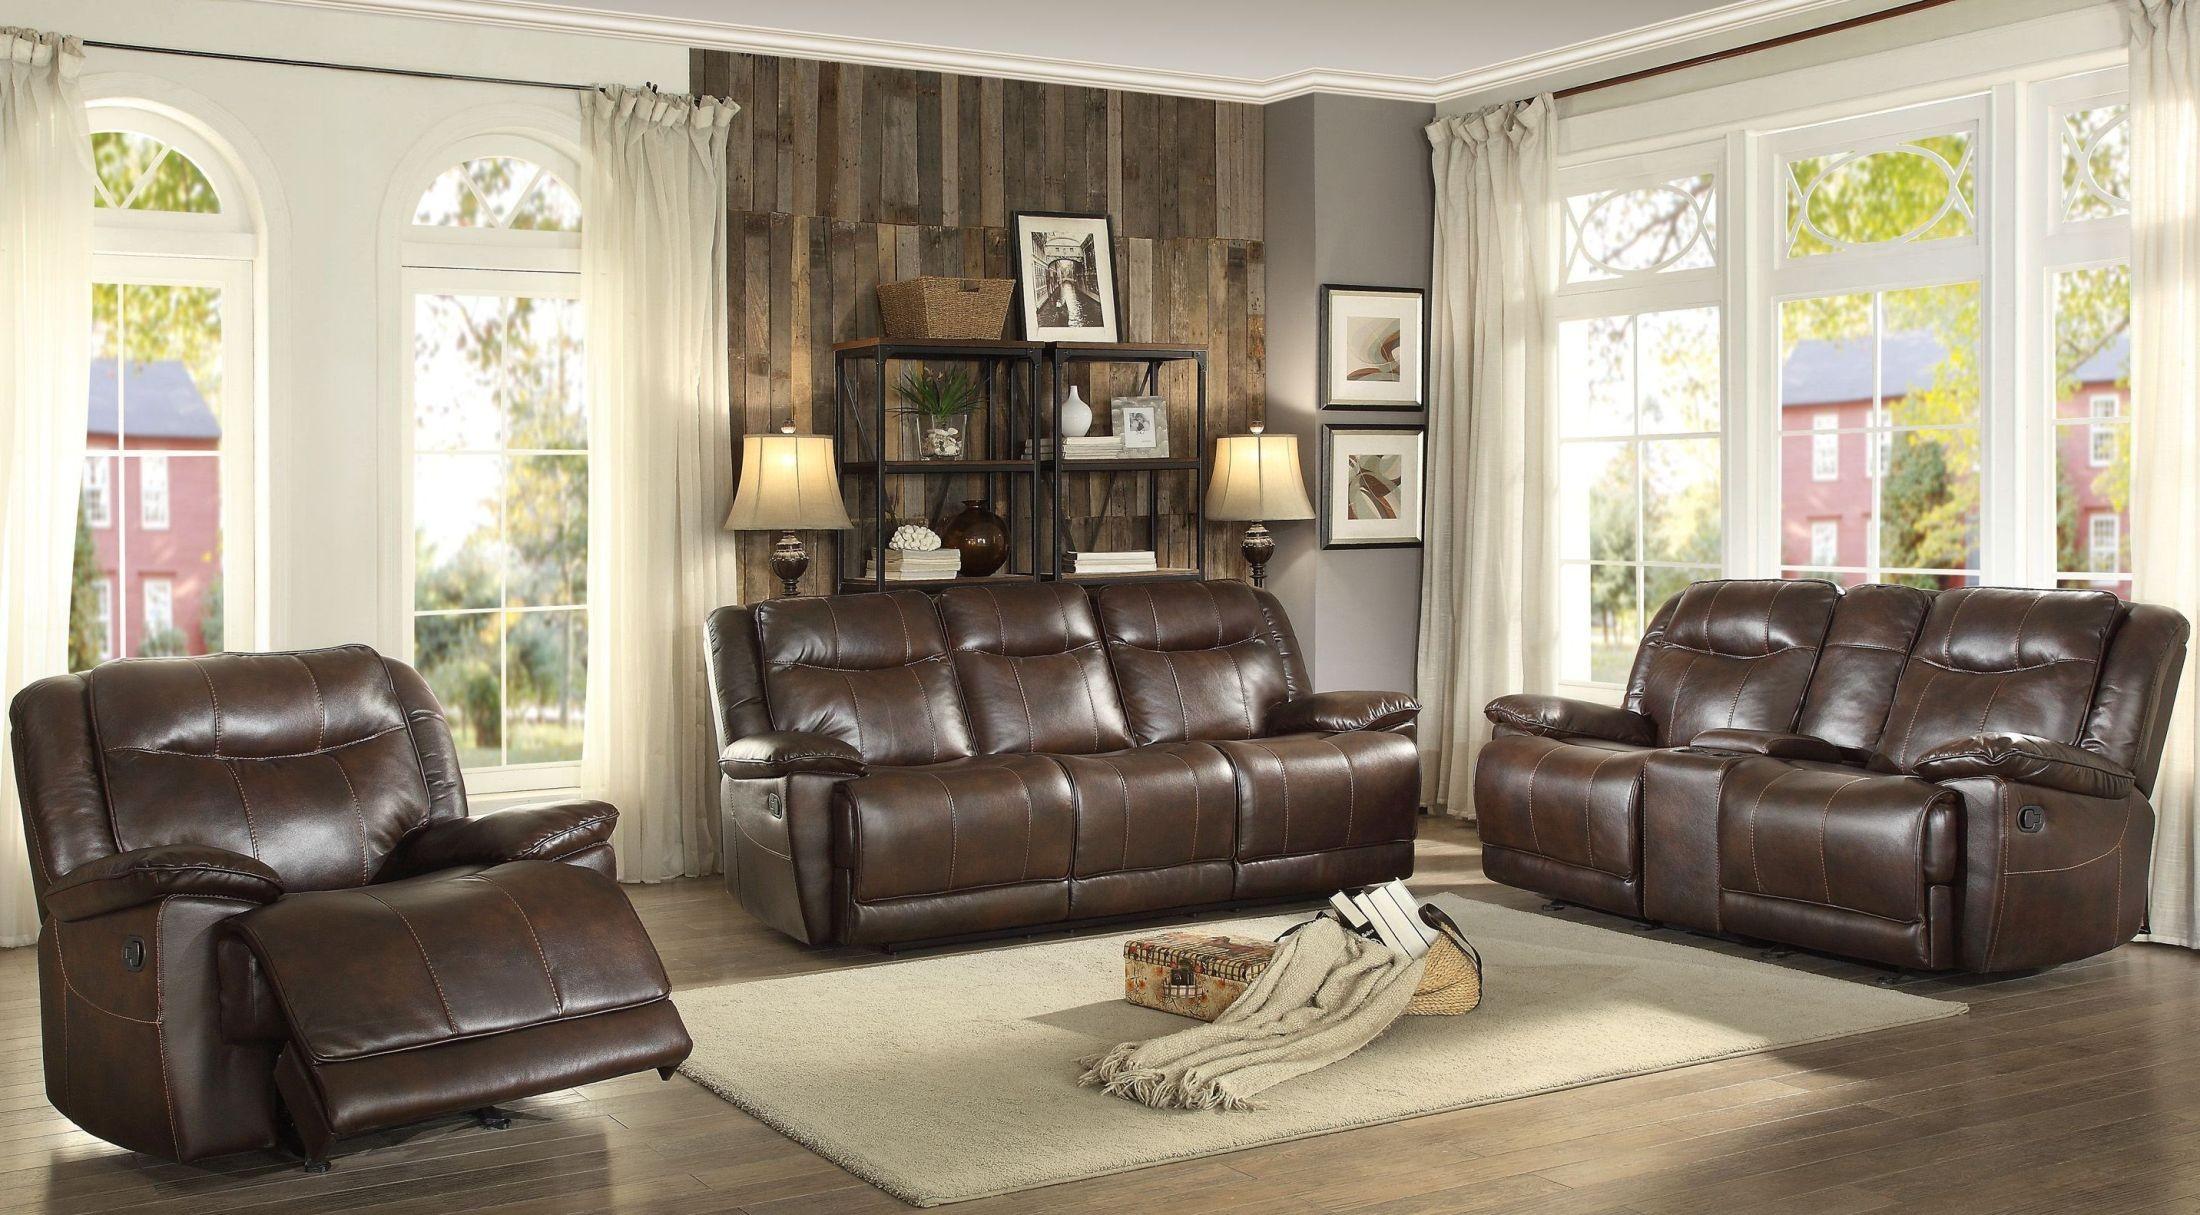 wasola dark brown triple reclining living room set from homelegance coleman furniture. Black Bedroom Furniture Sets. Home Design Ideas